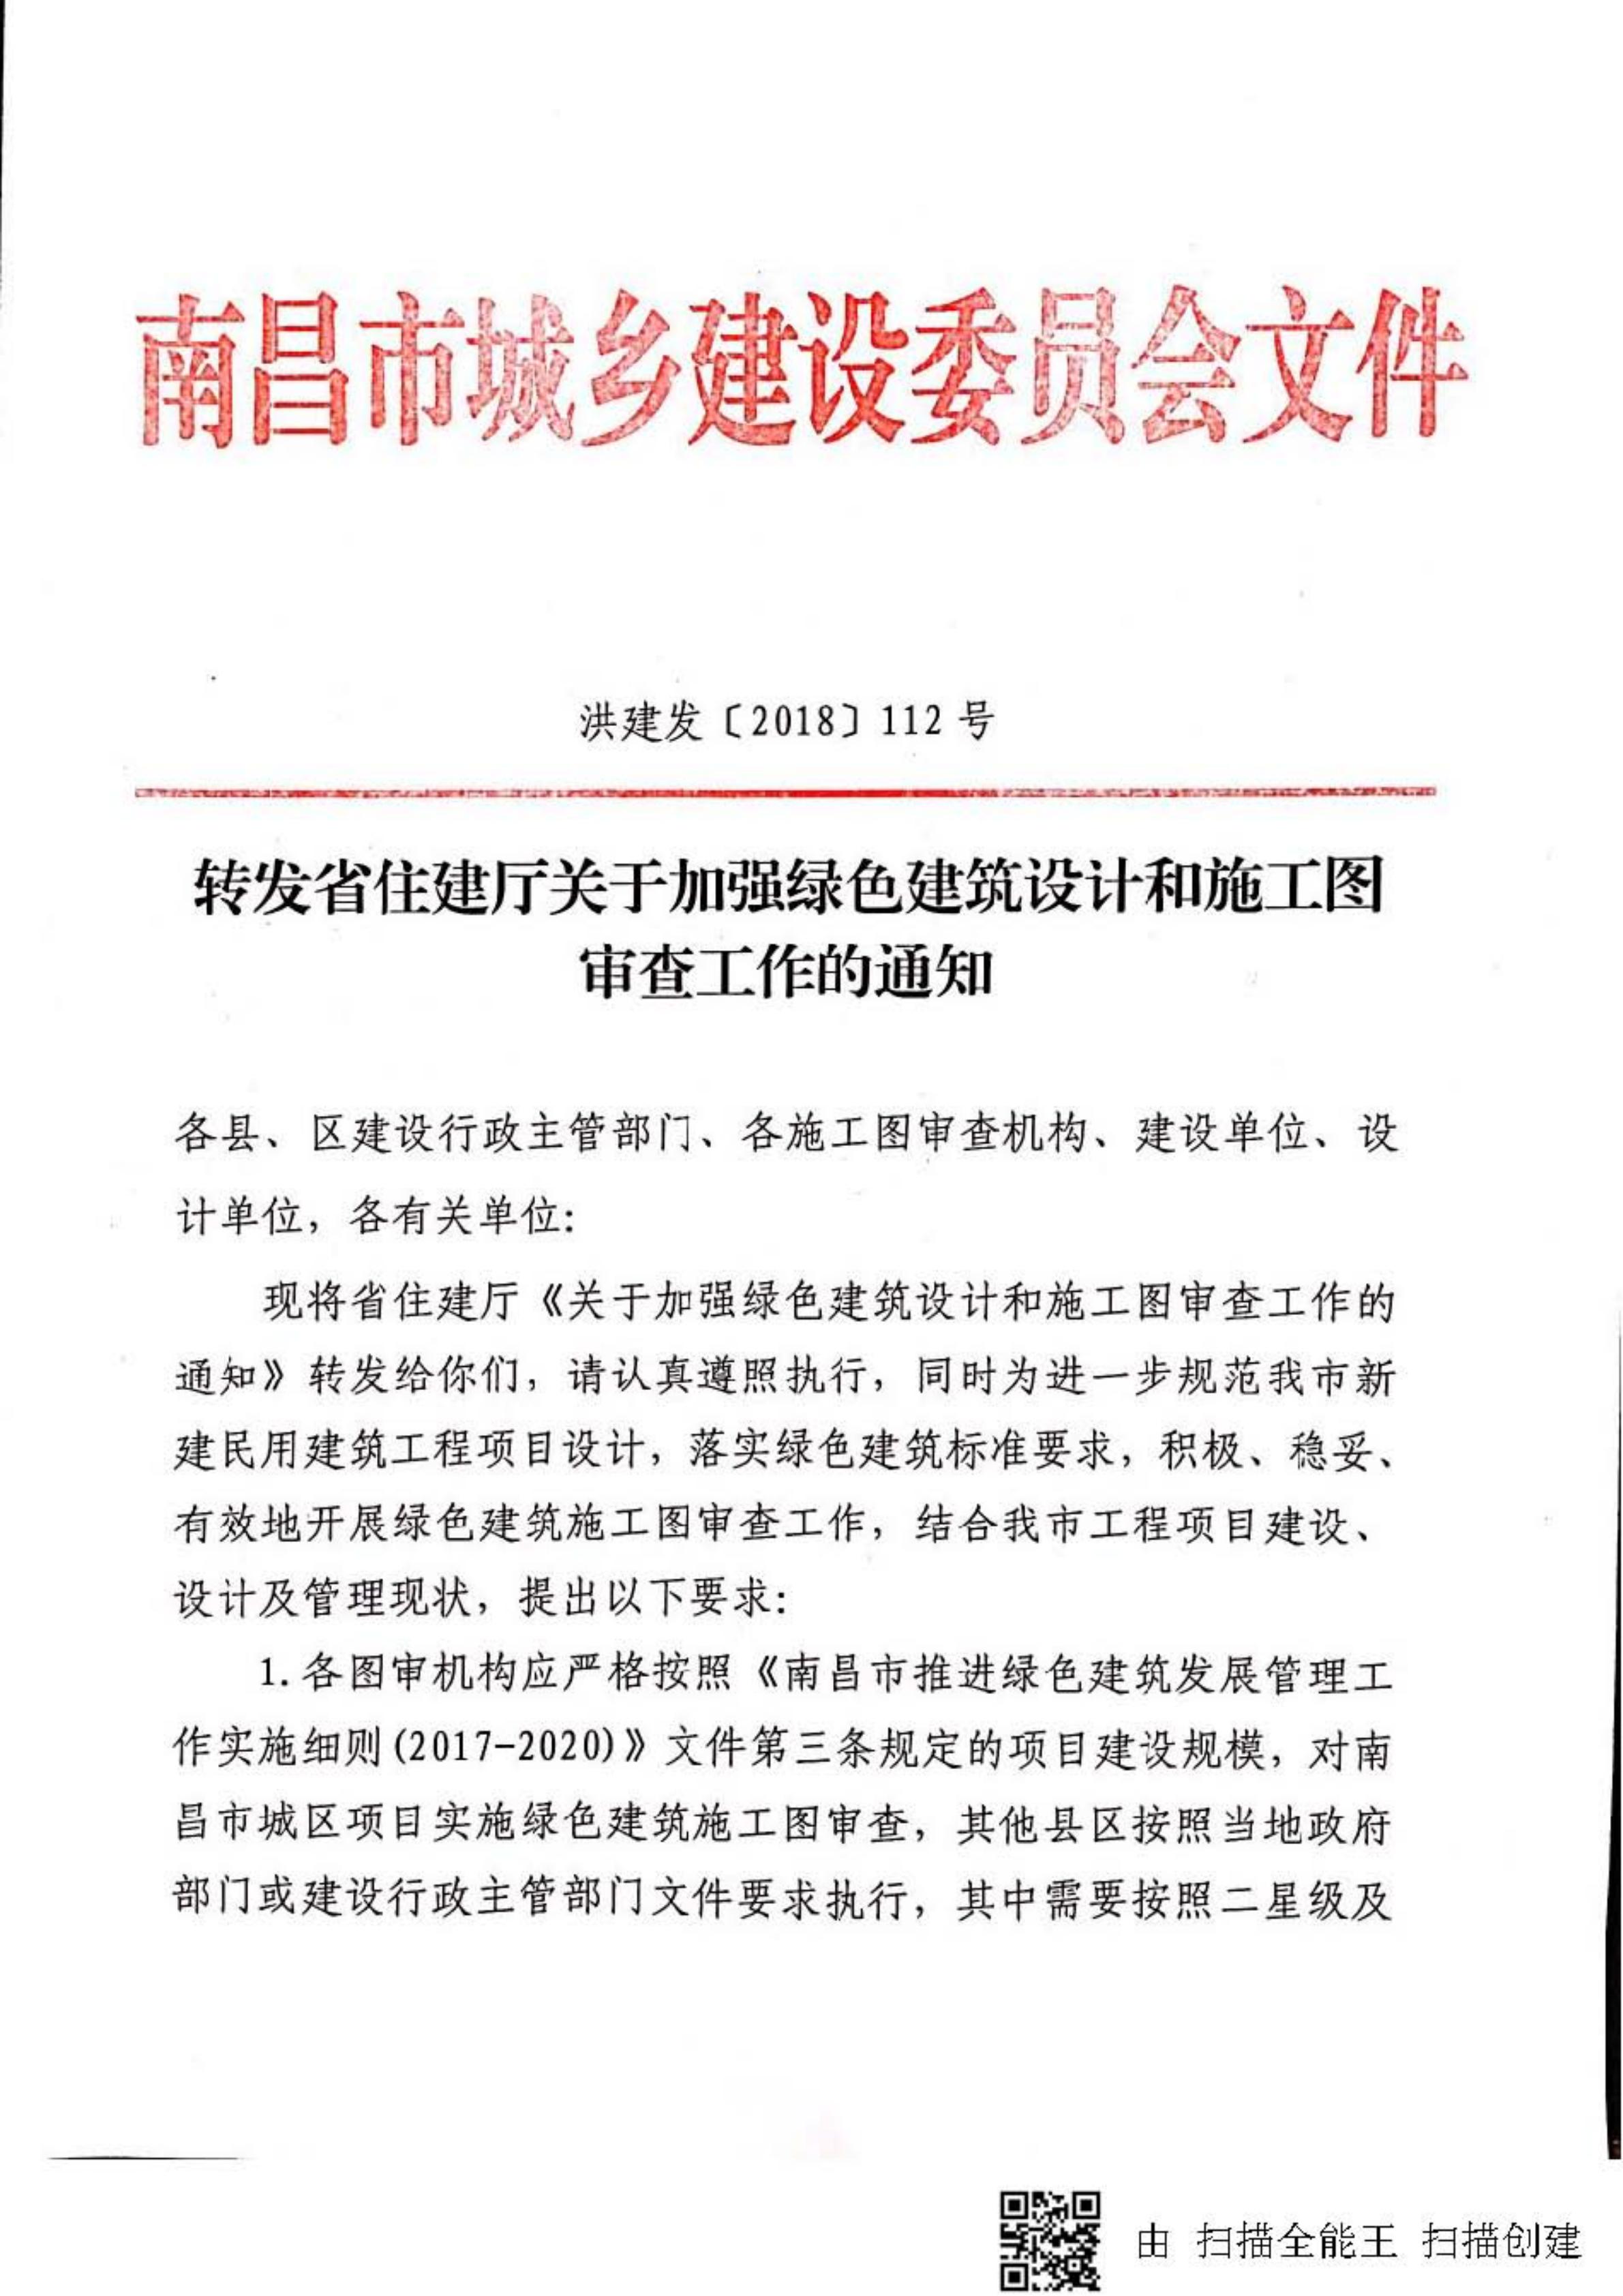 南昌市城乡建设委员会转发《关于加强绿色建筑设计和施工图审查工作的通知(洪建发[2018]112号)》